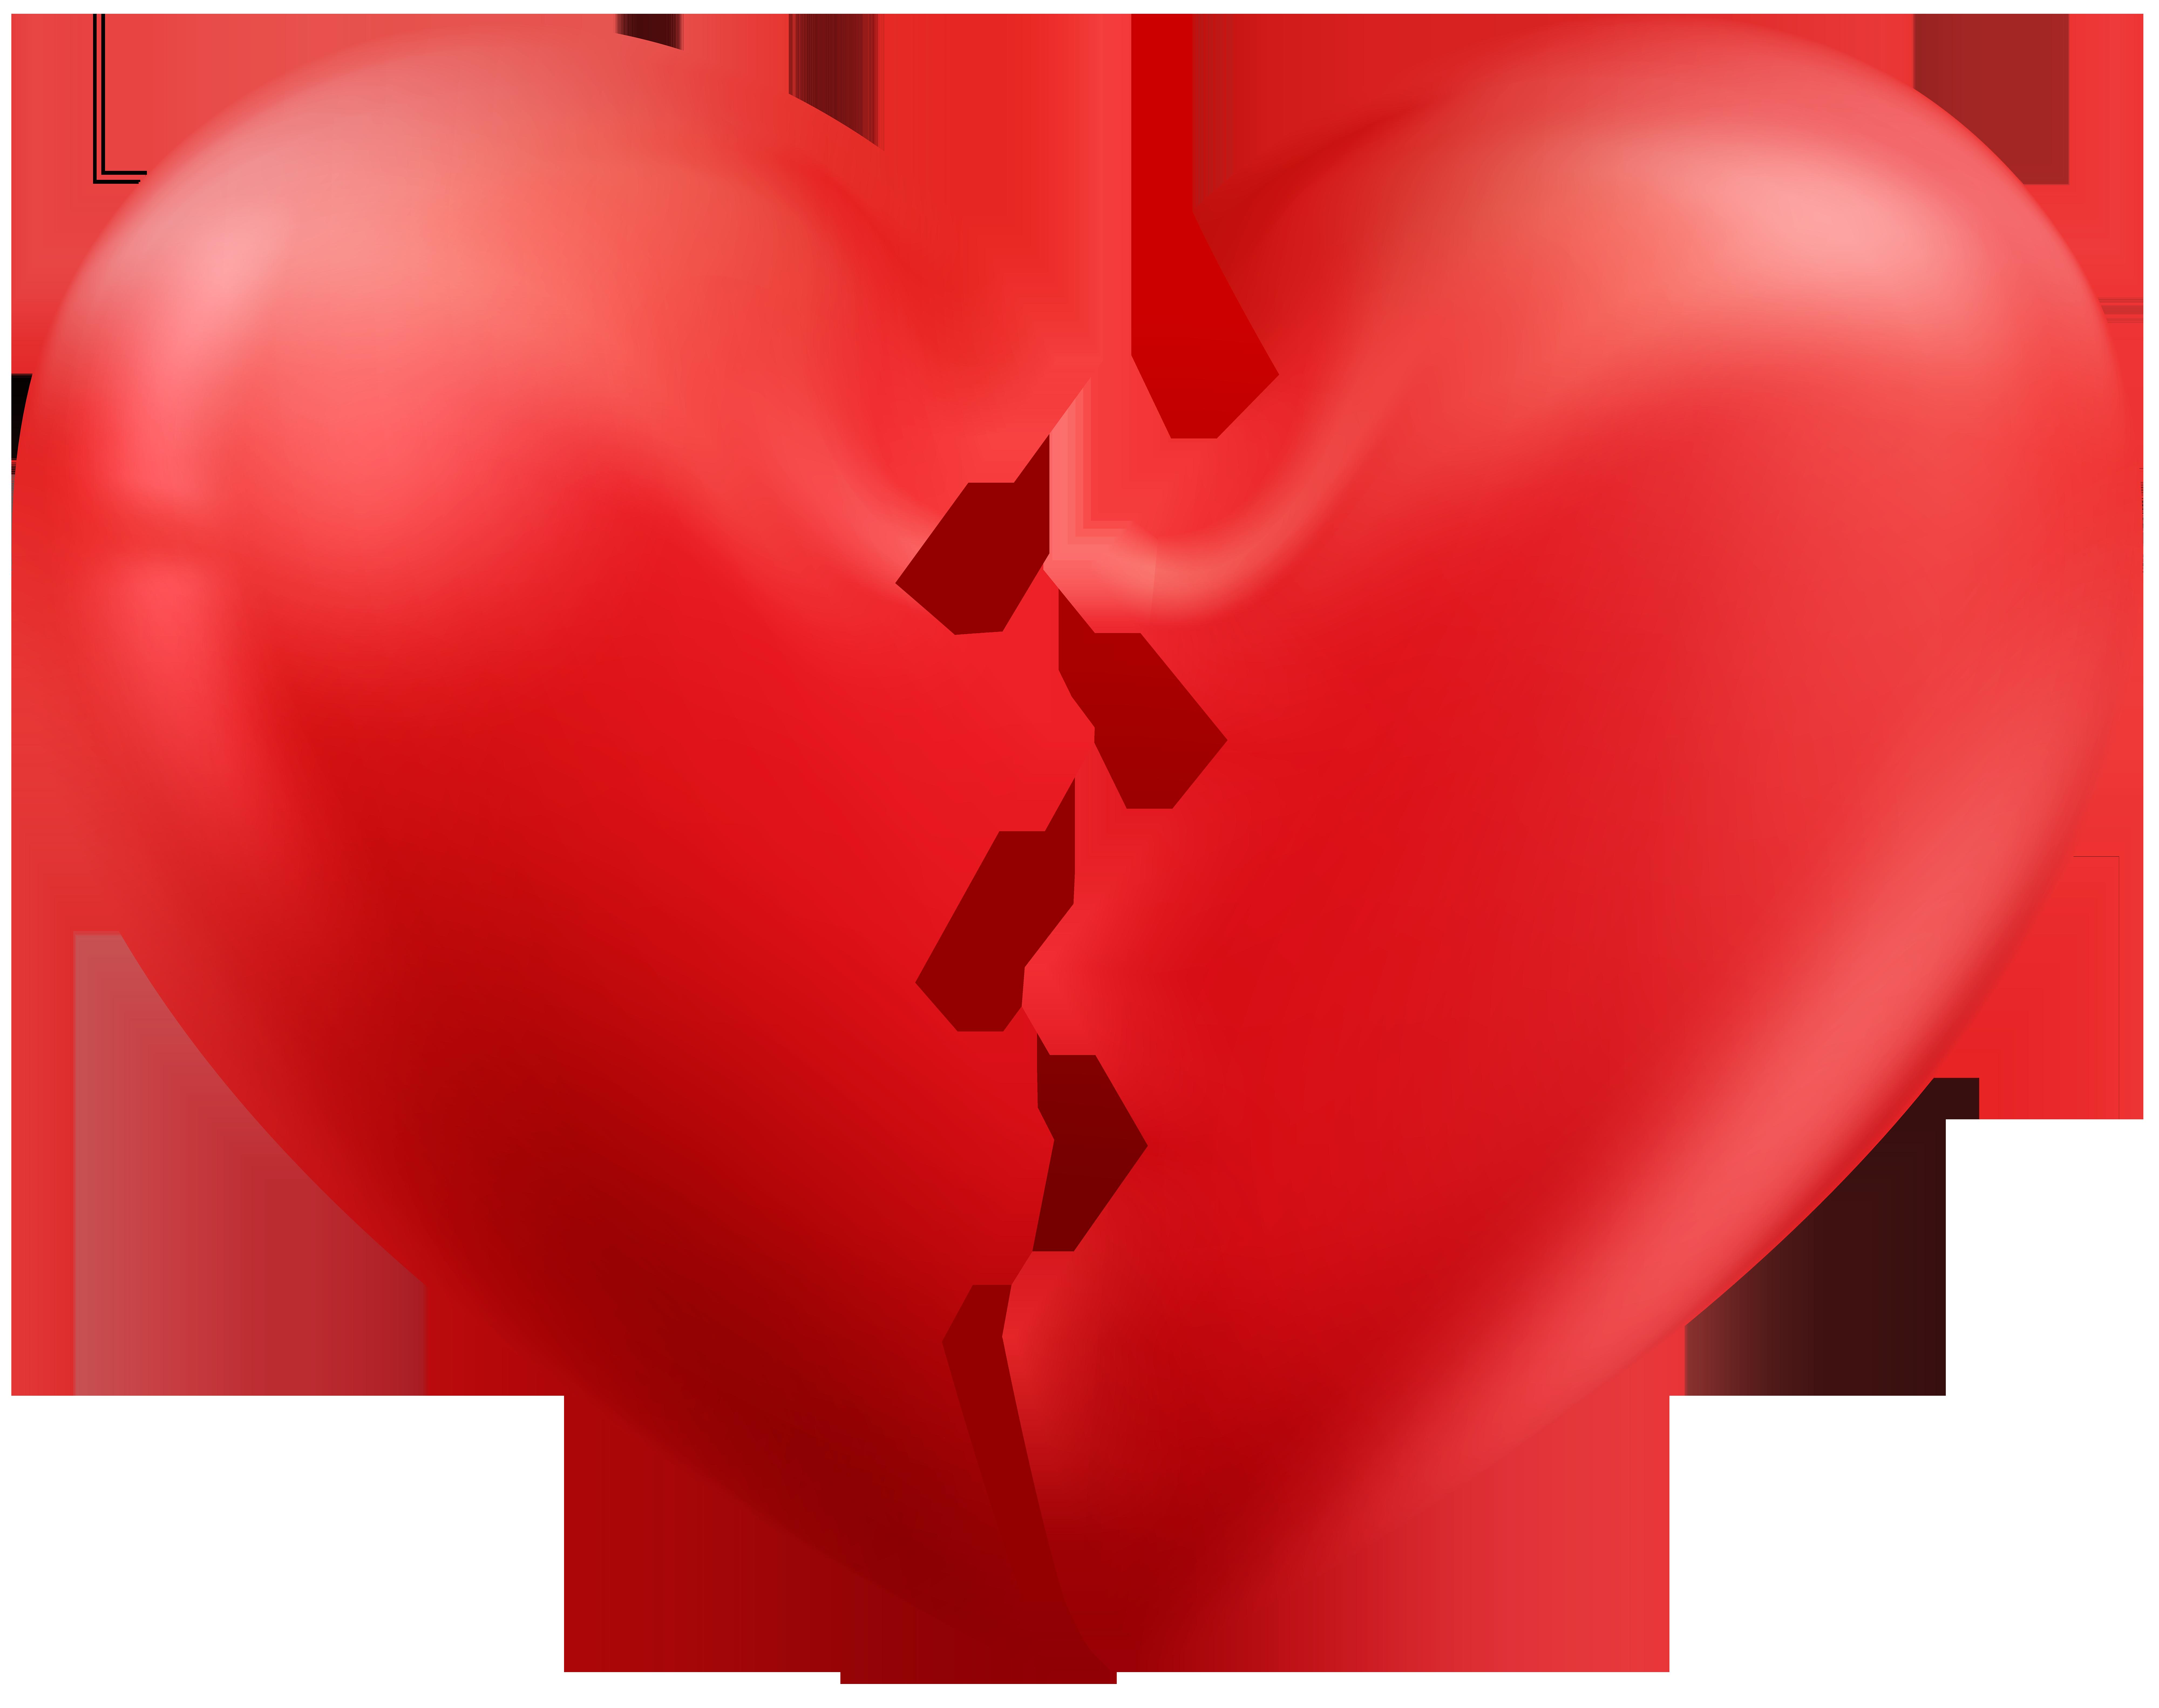 Broken heart transparent png. Hearts clipart basketball